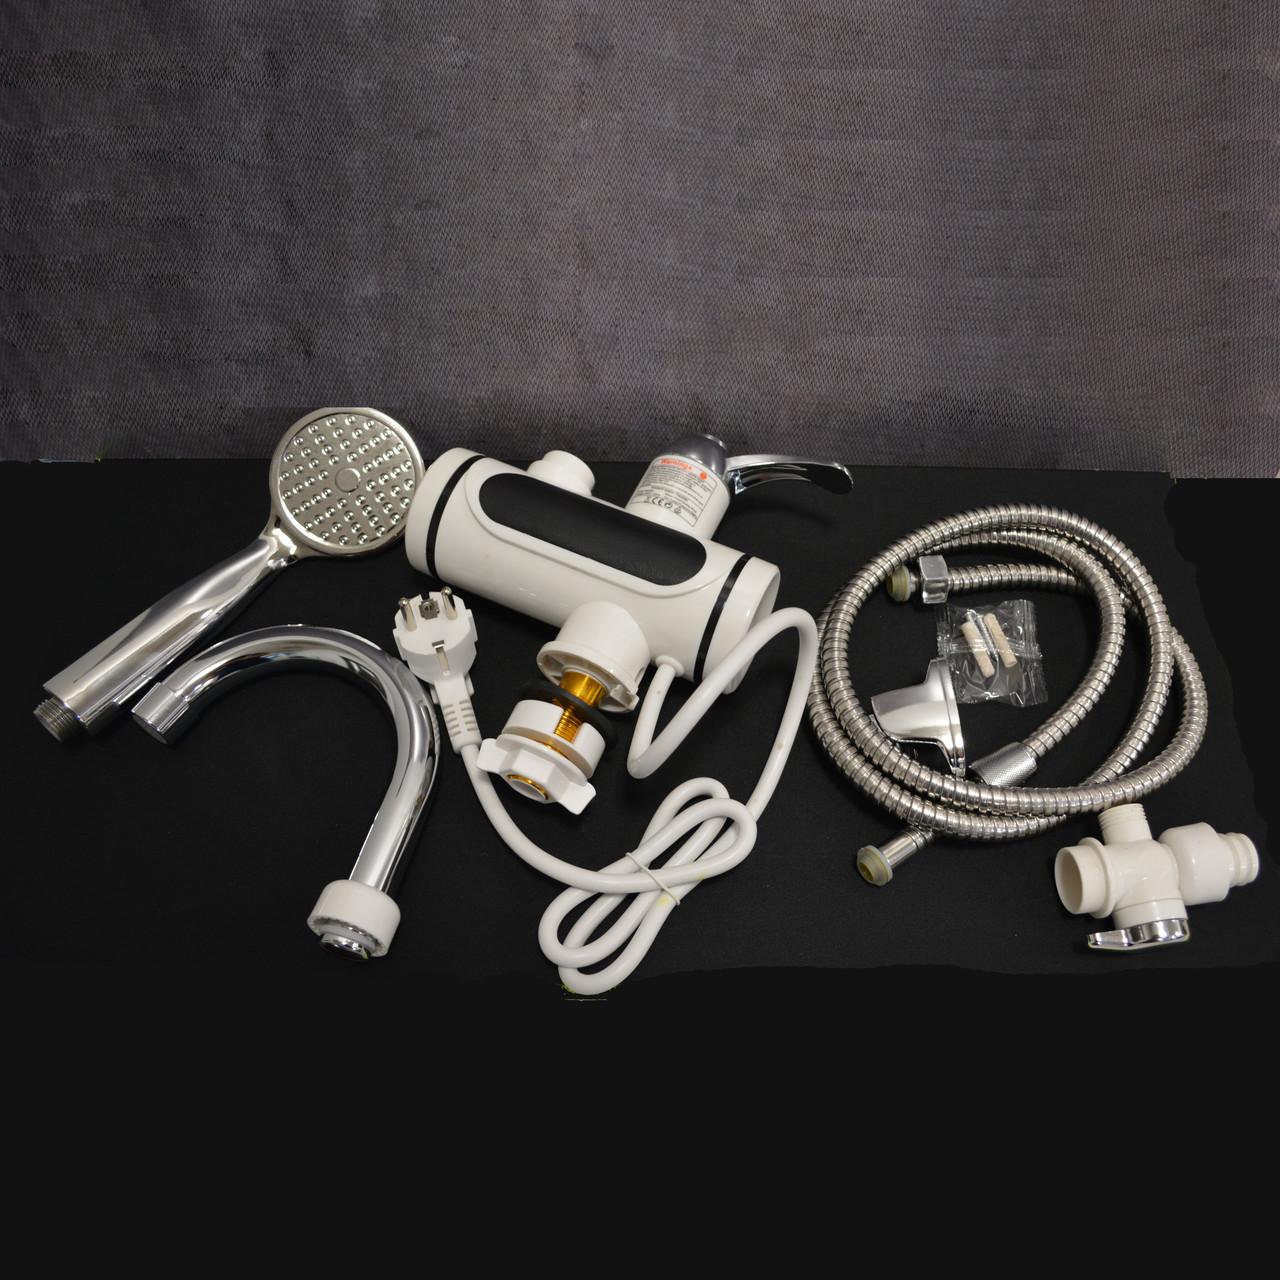 Проточный электрический водонагреватель c душем и дисплеем Instant Electric Heating Water Faucet - фото 6